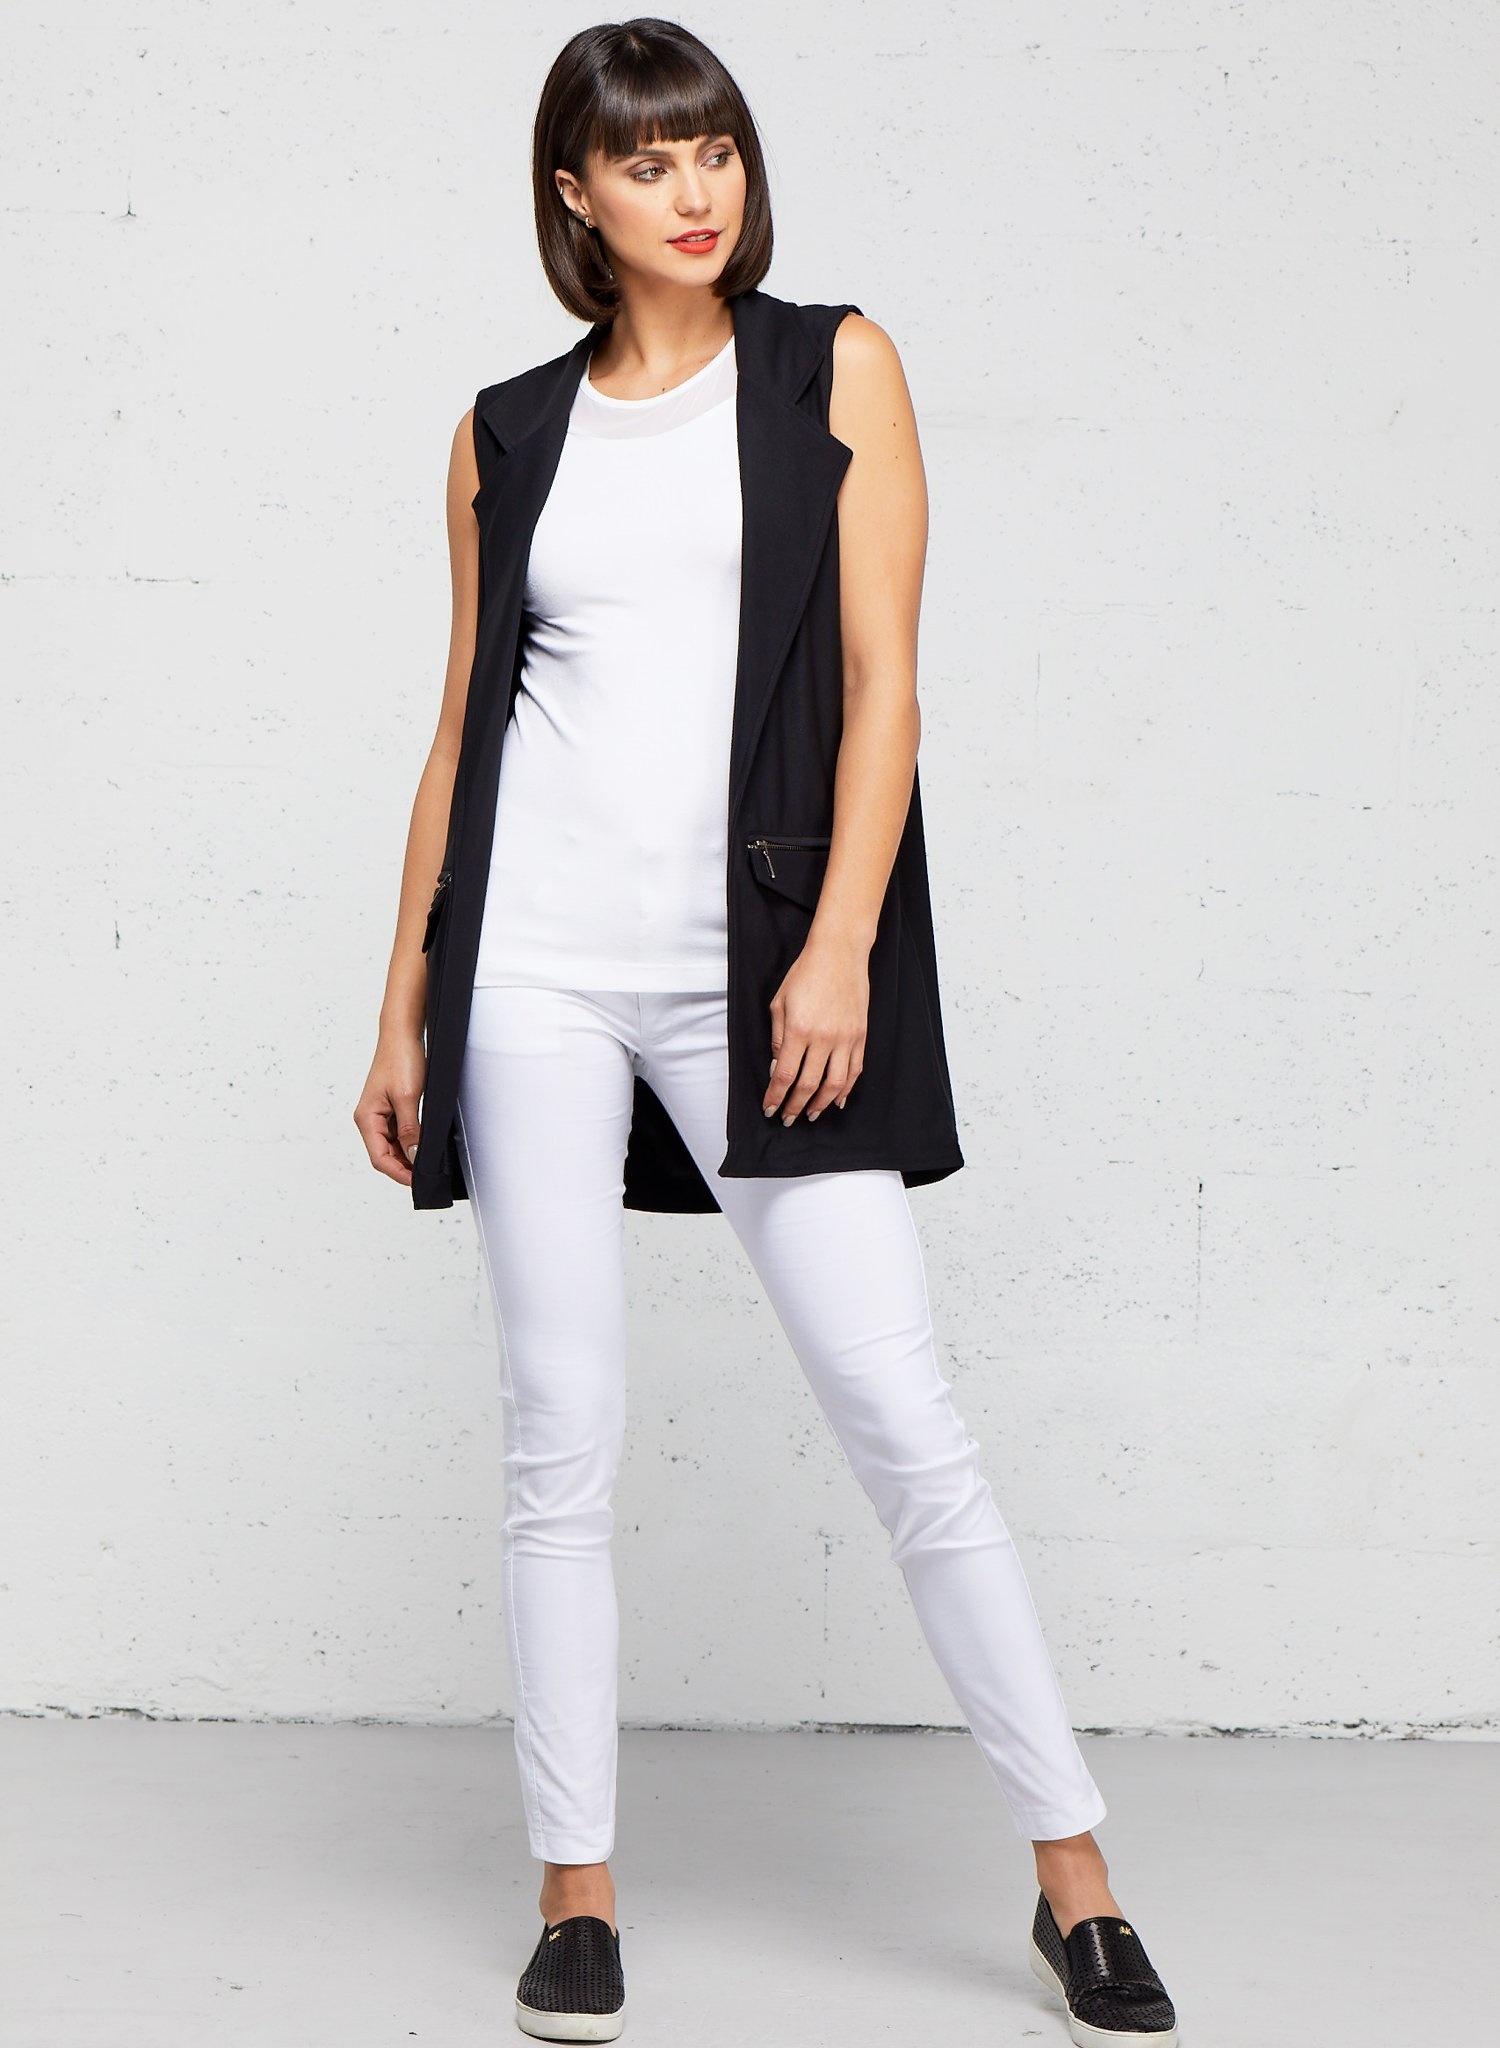 Anatomie Solange Knit Vest w/ Zipper Details